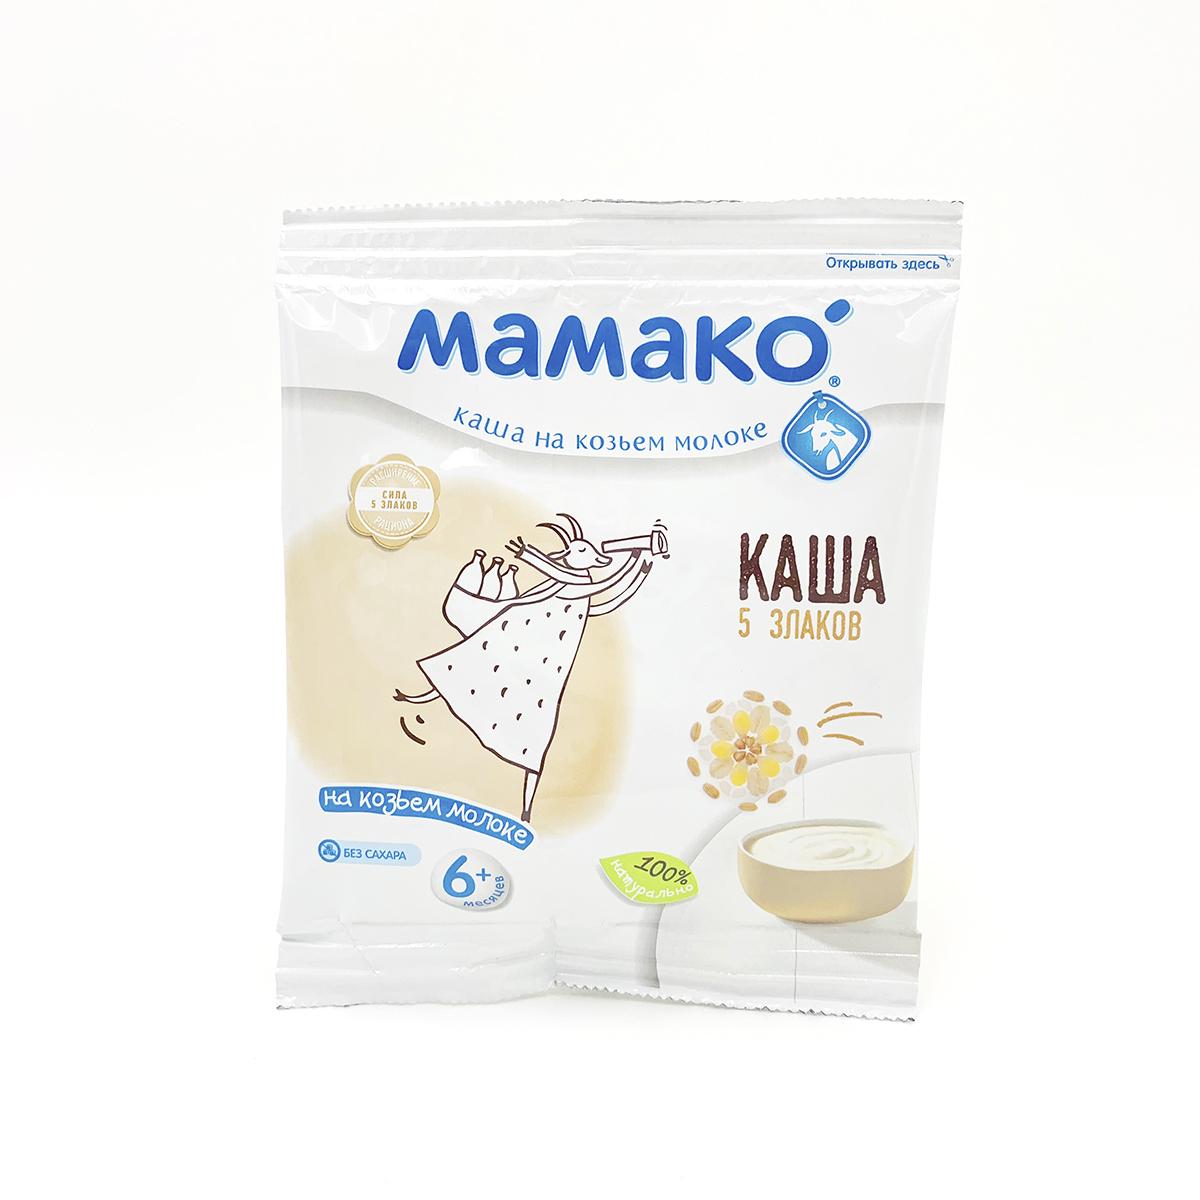 Каша 5 злаков на козьем молоке МАМАКО (пробник) фото